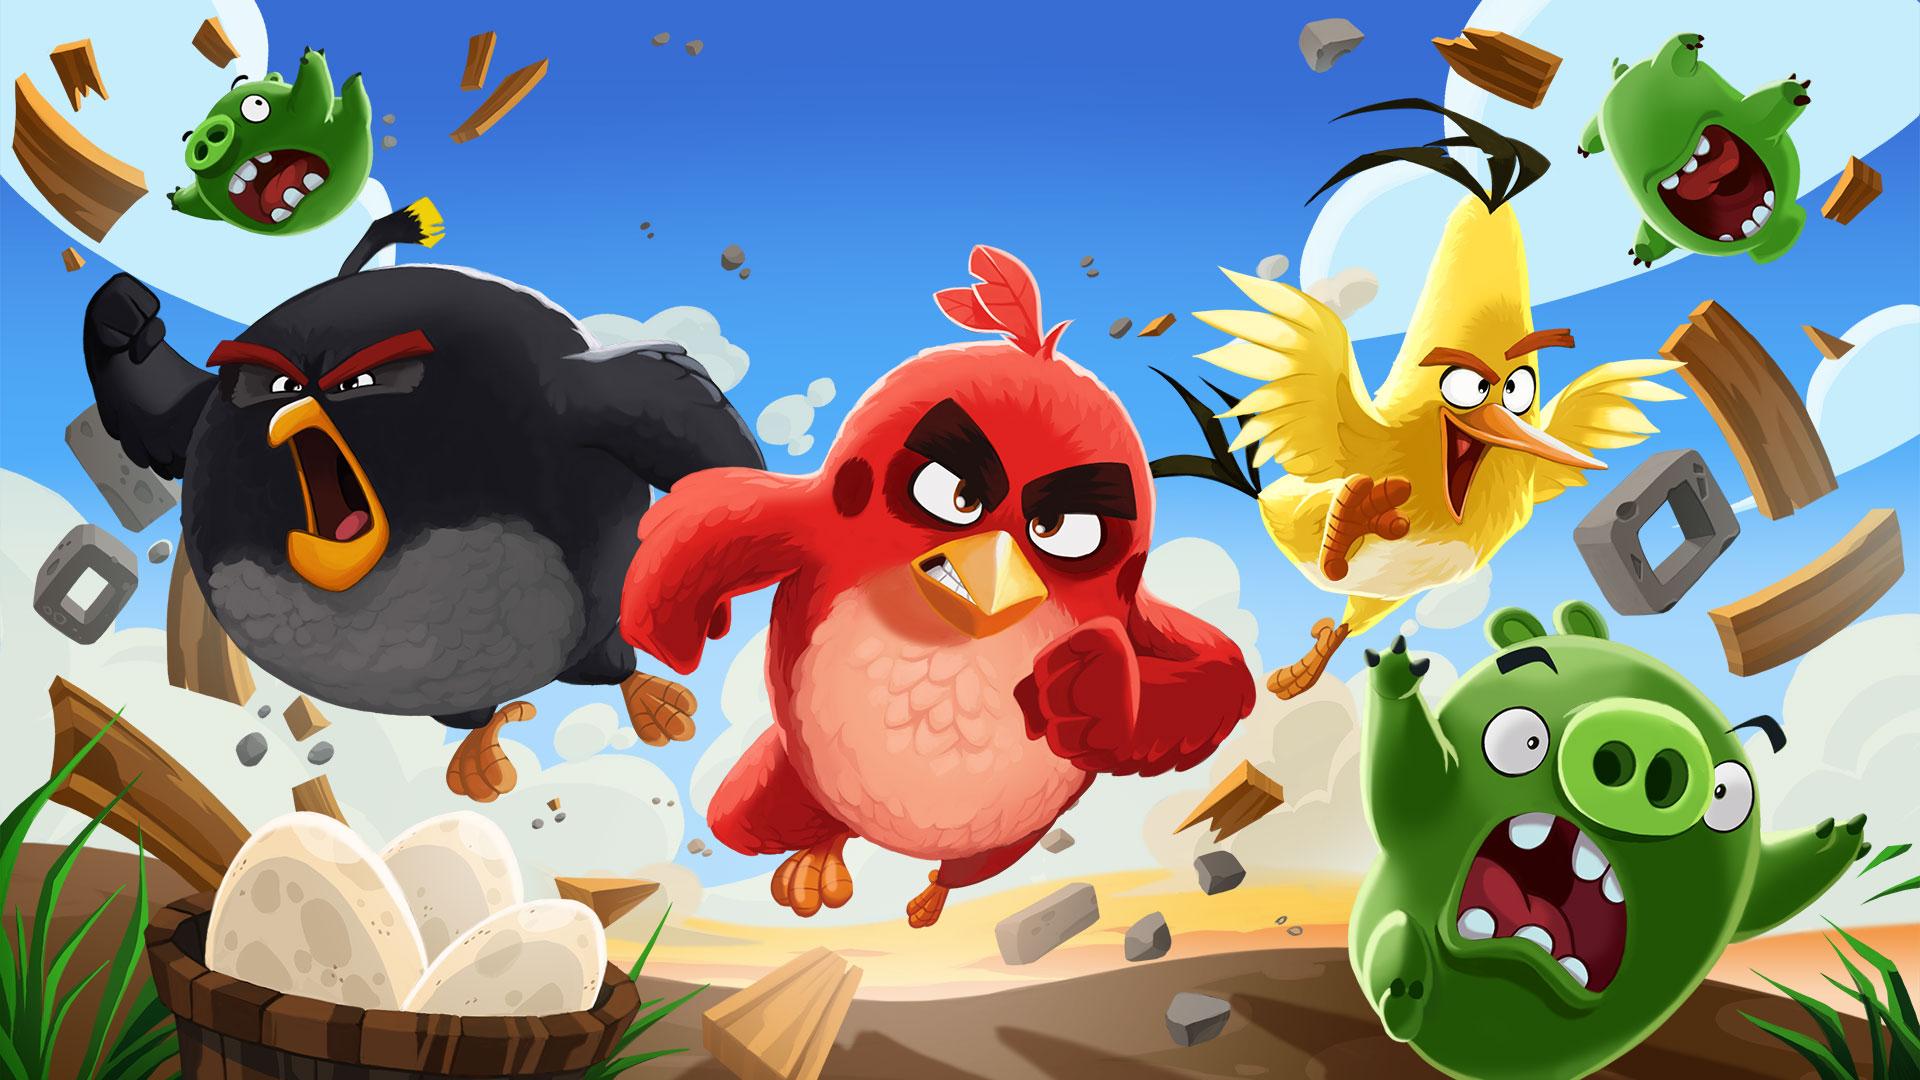 《愤怒的小鸟》将推出全新动画系列 2021年网飞播出